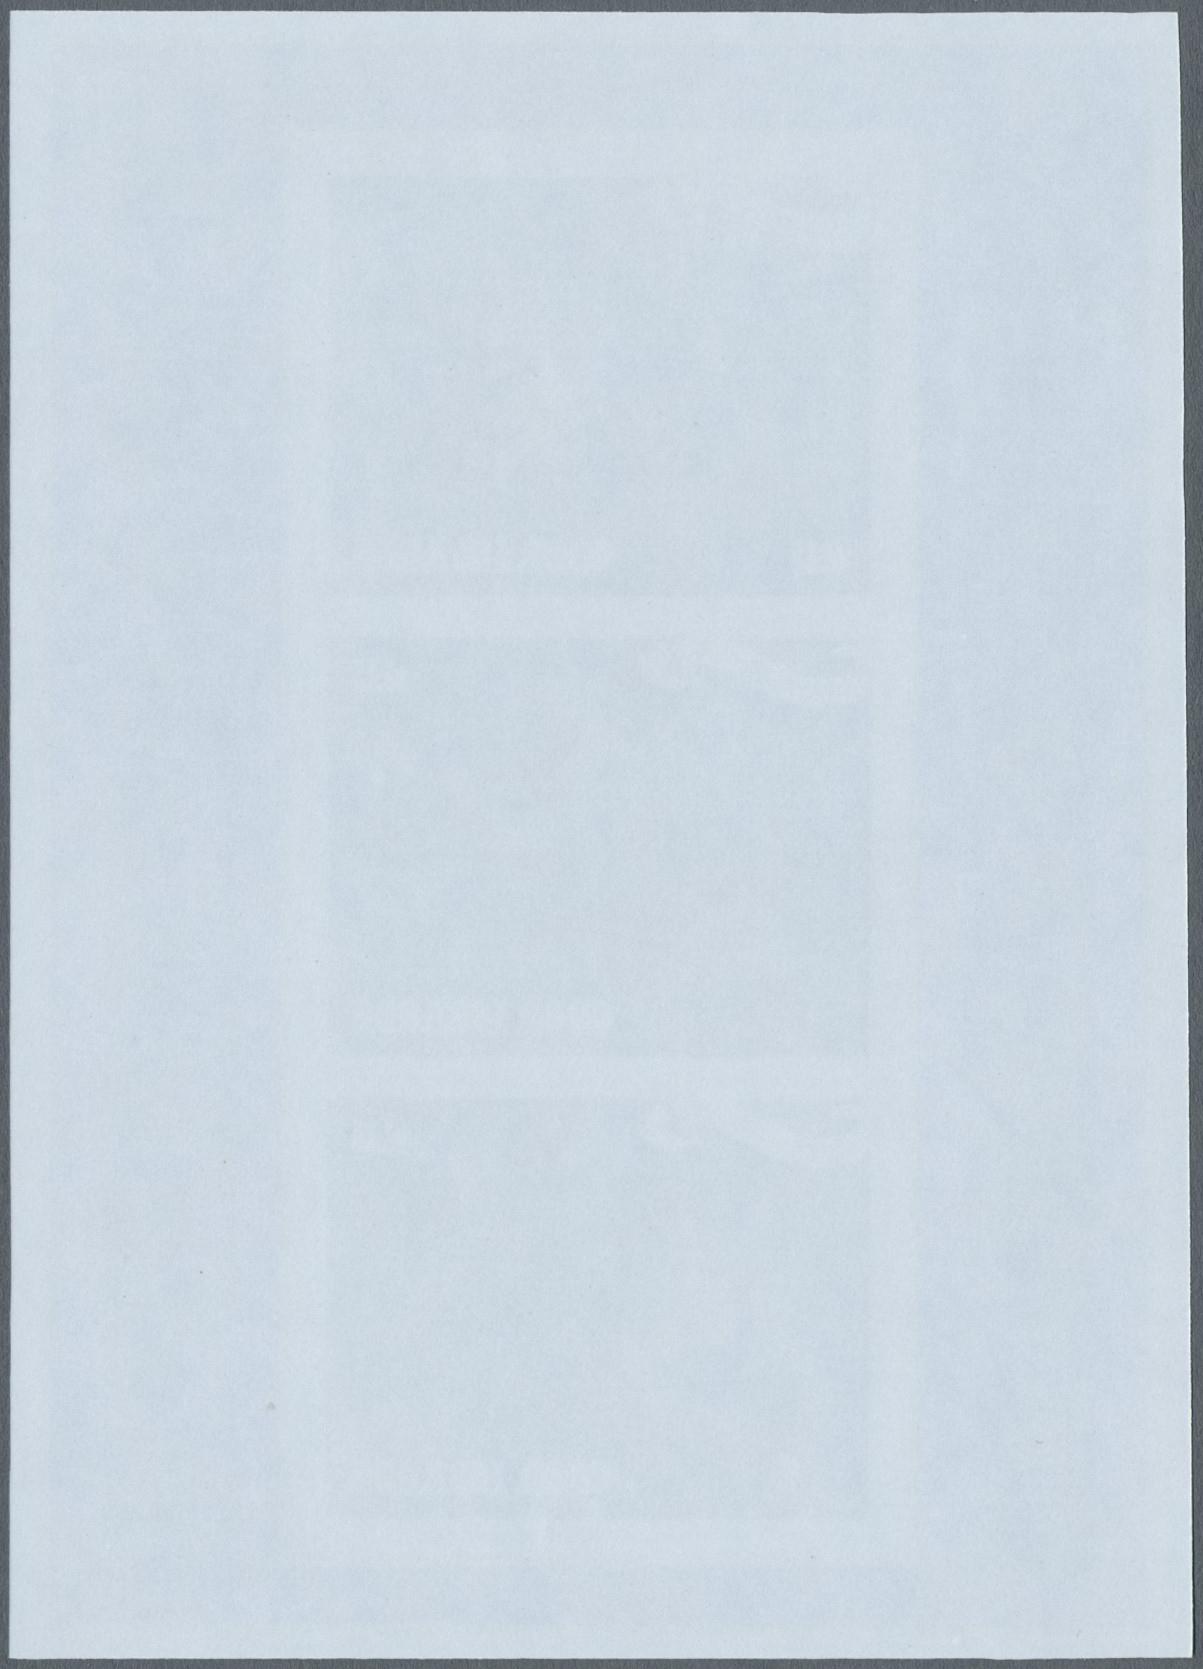 Single Weihnachten.Stamp Auction Thematik Weihnachten Christmas Single Lots